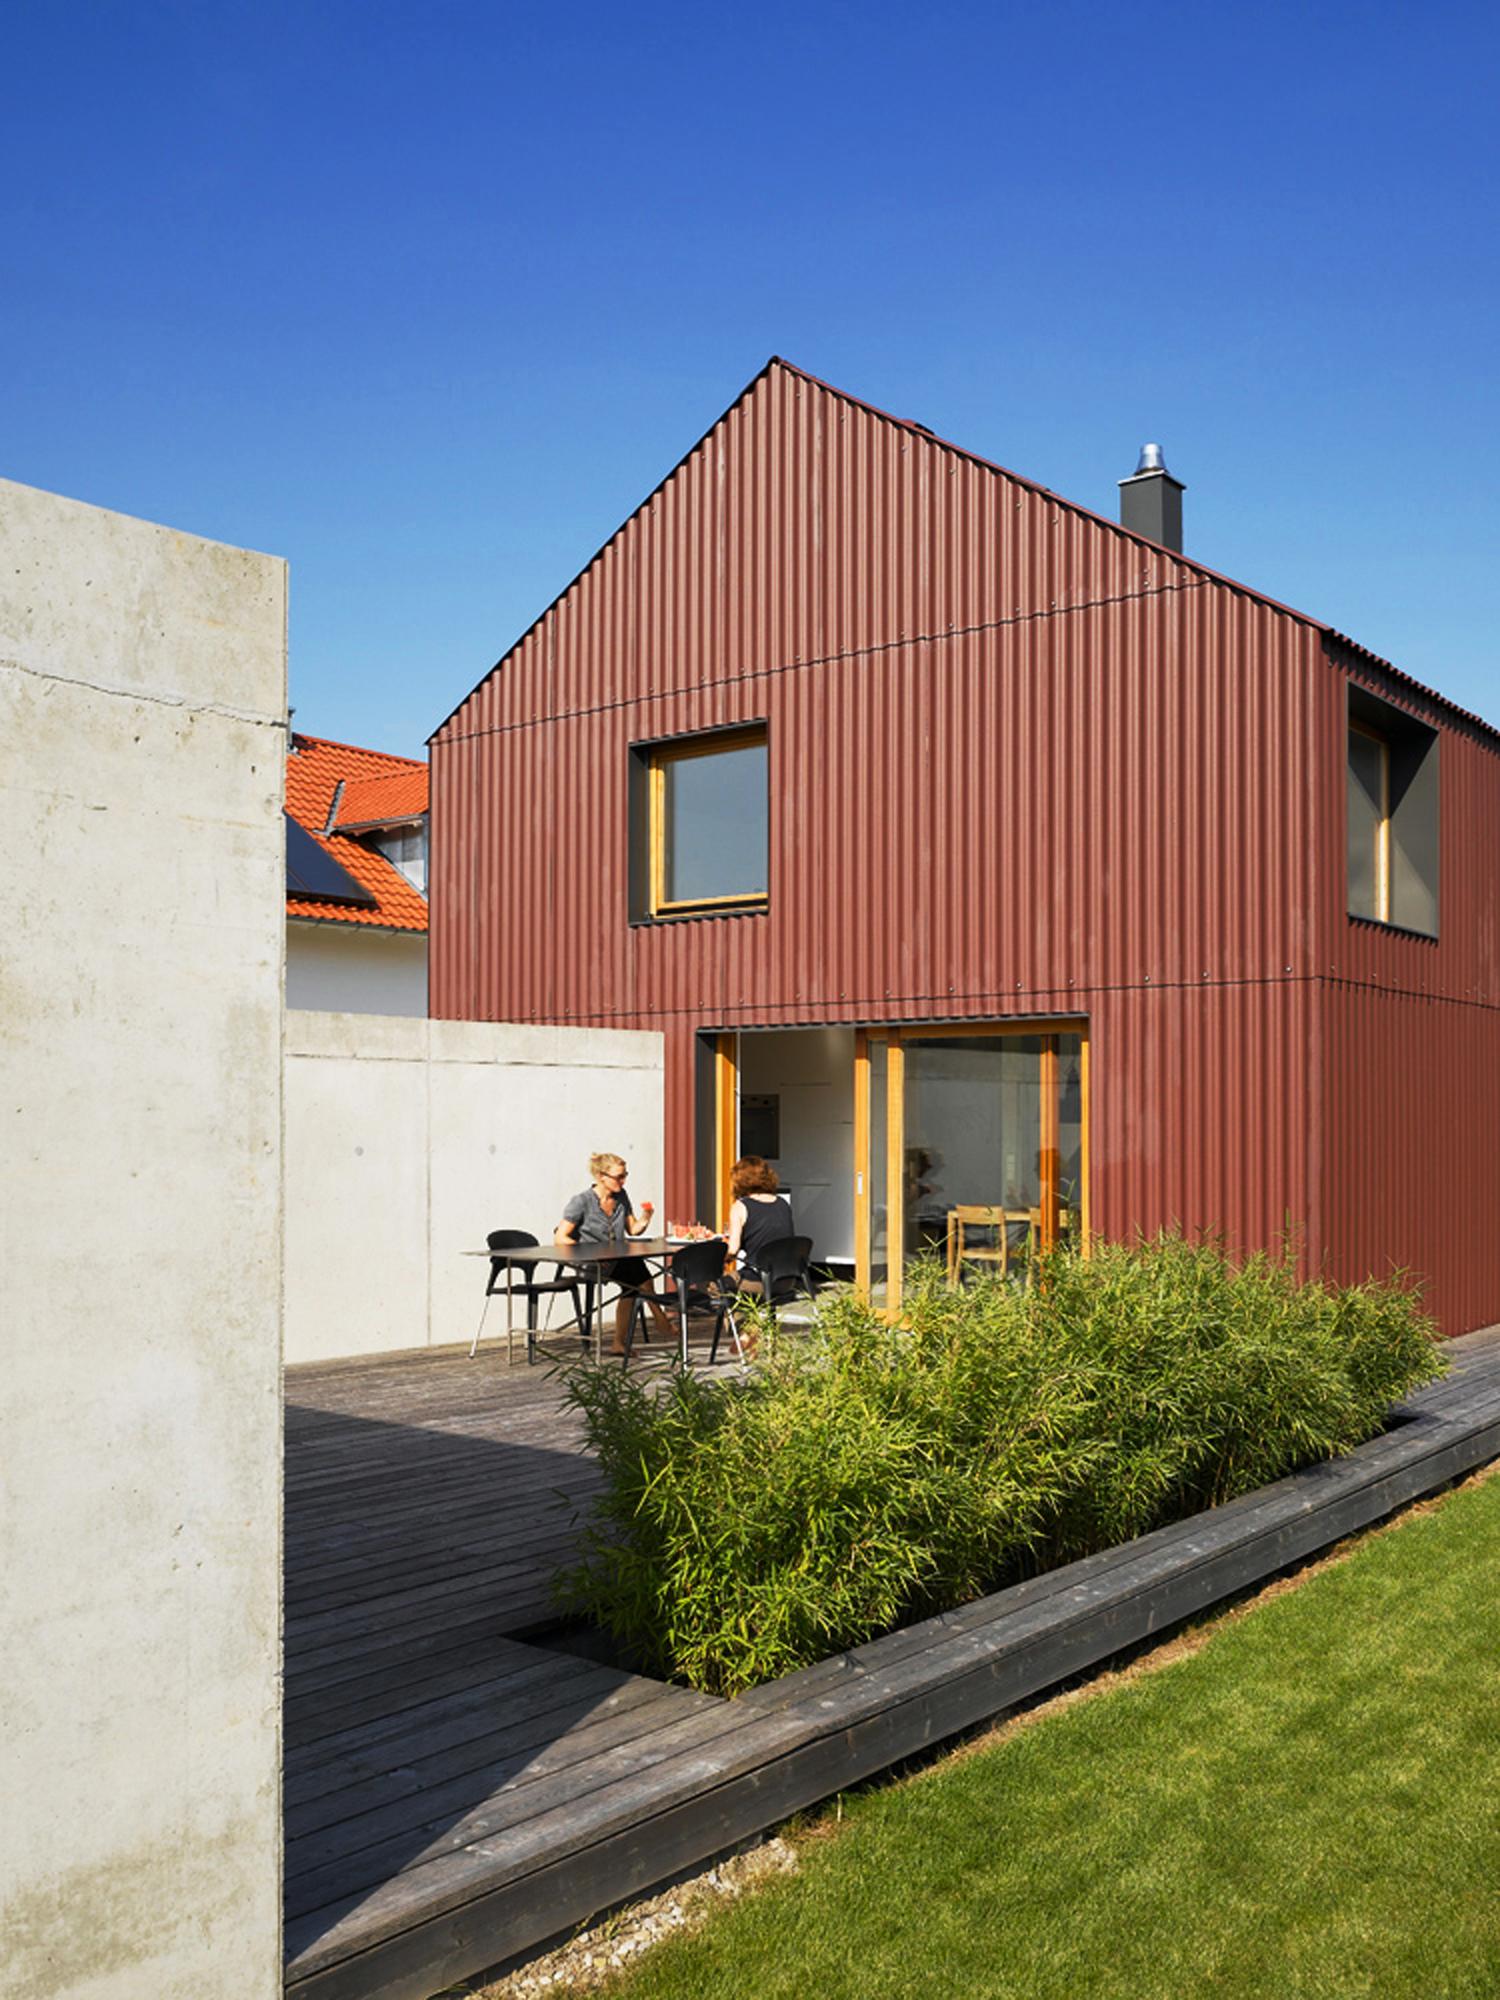 Haus bru soho architektur archdaily for Architektur 4 1